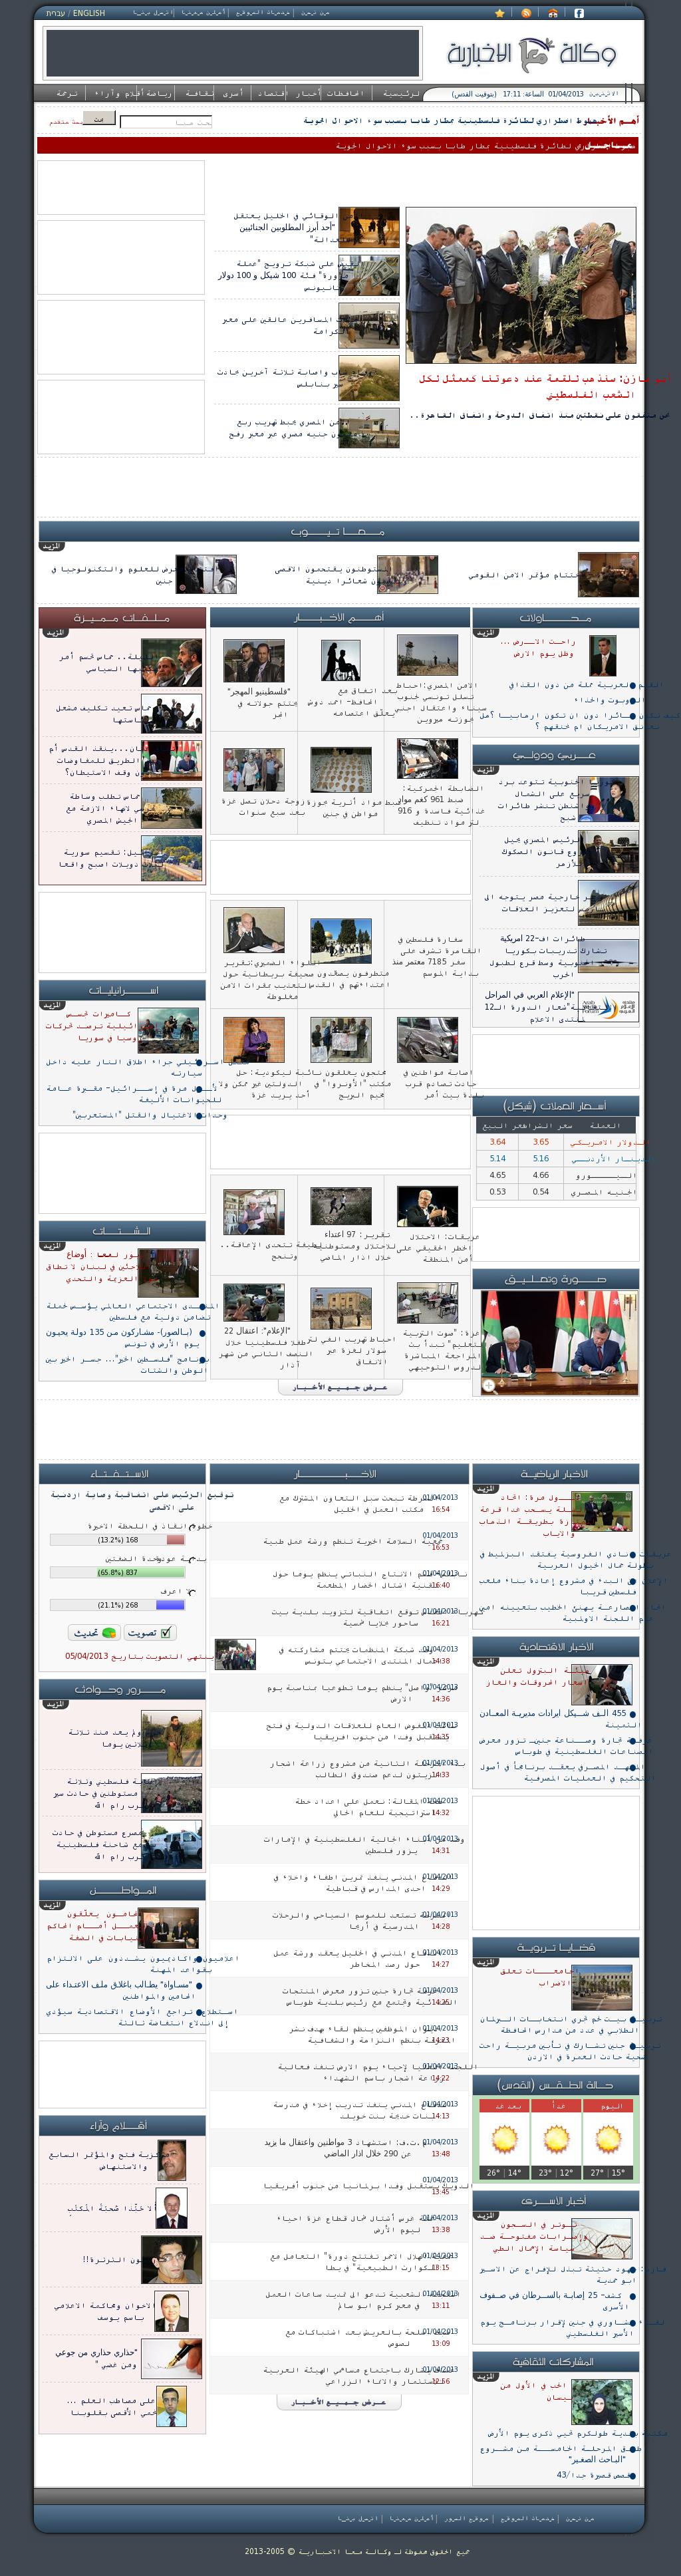 Ma'an News at Monday April 1, 2013, 2:11 p.m. UTC